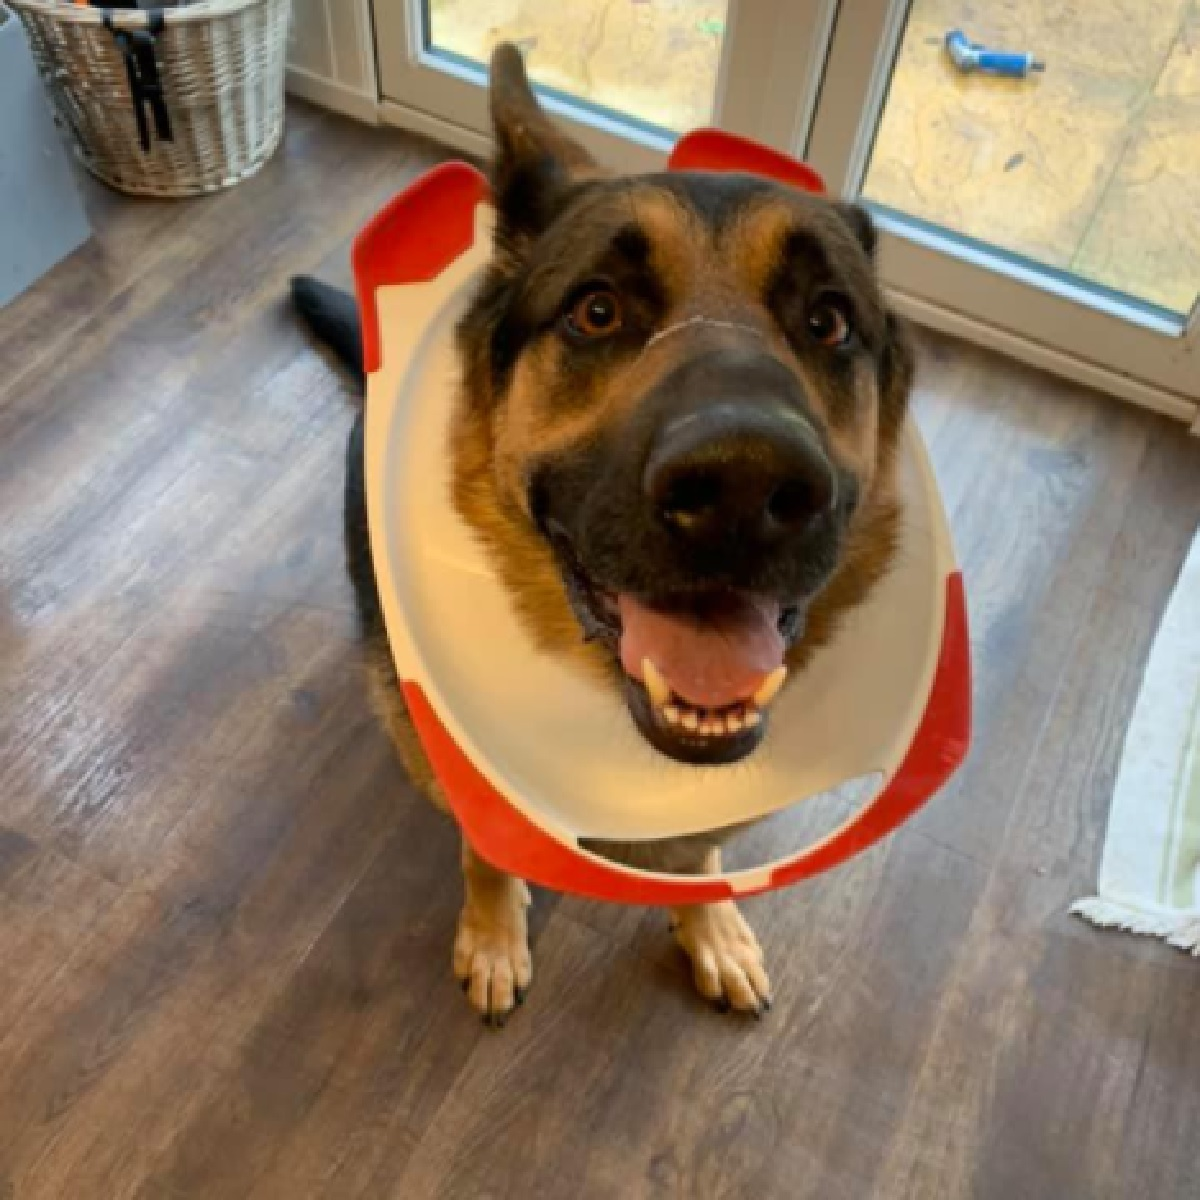 Rocky, il cucciolo pastore tedesco ha problemi con la tavoletta del bagno (FOTO)